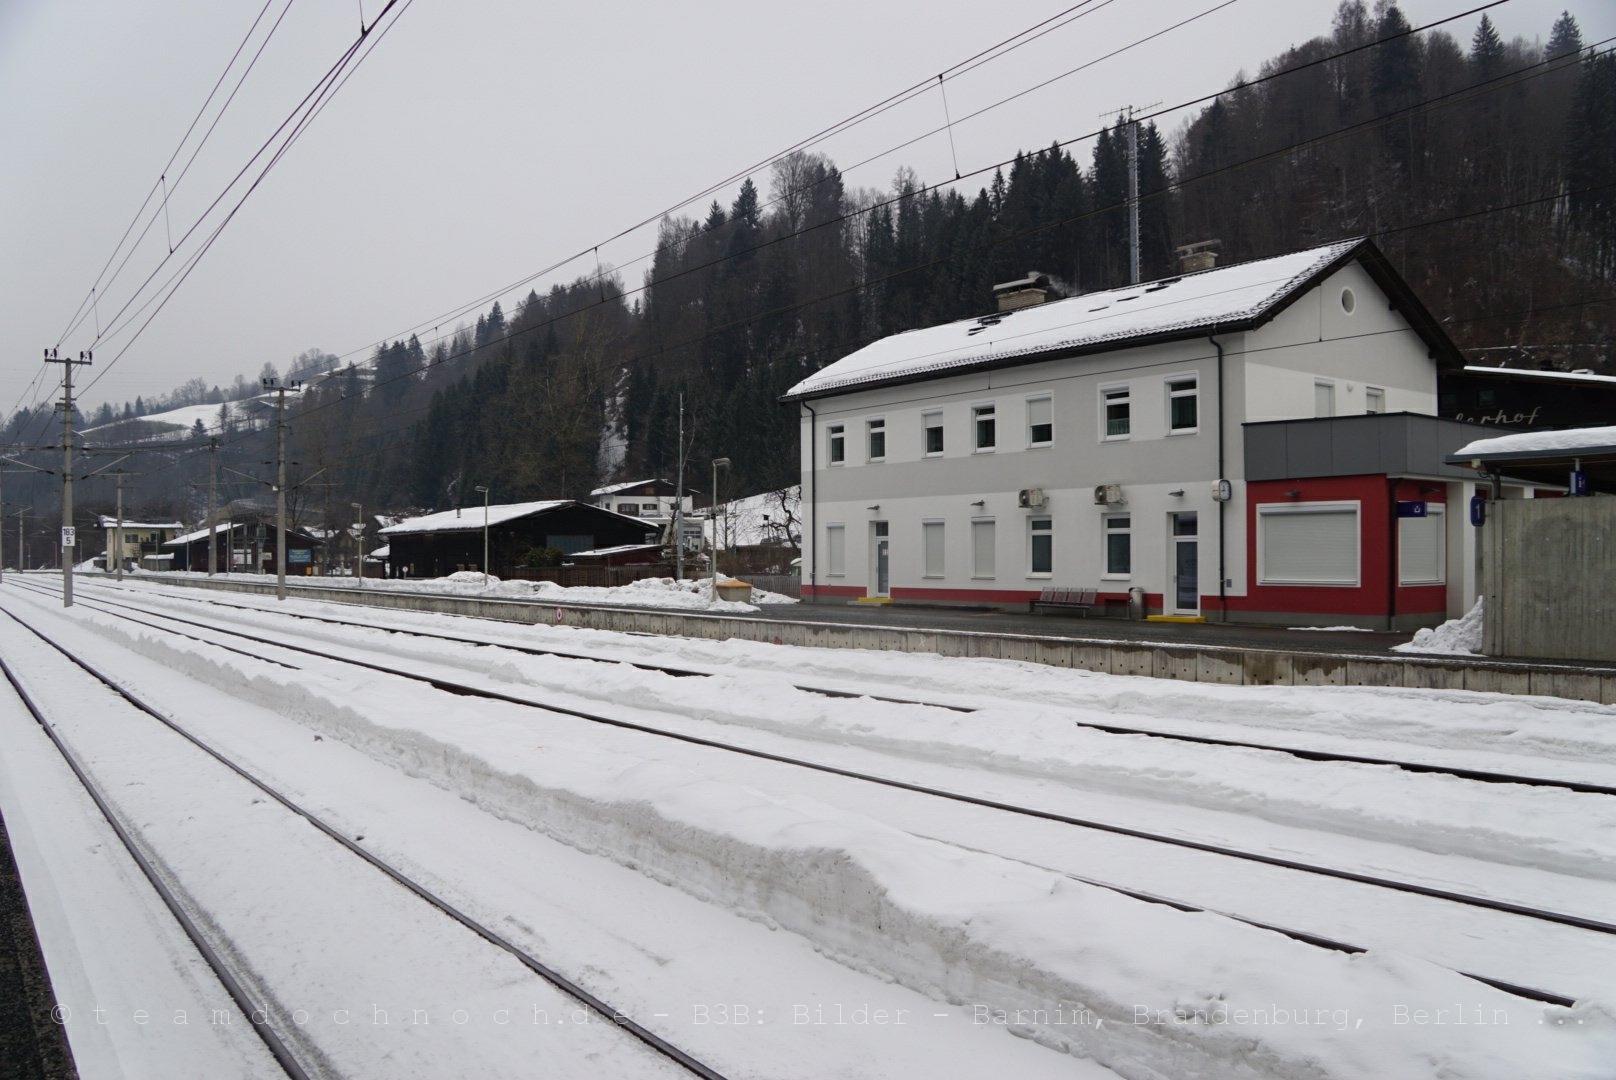 Bahnhof Hopfgarten